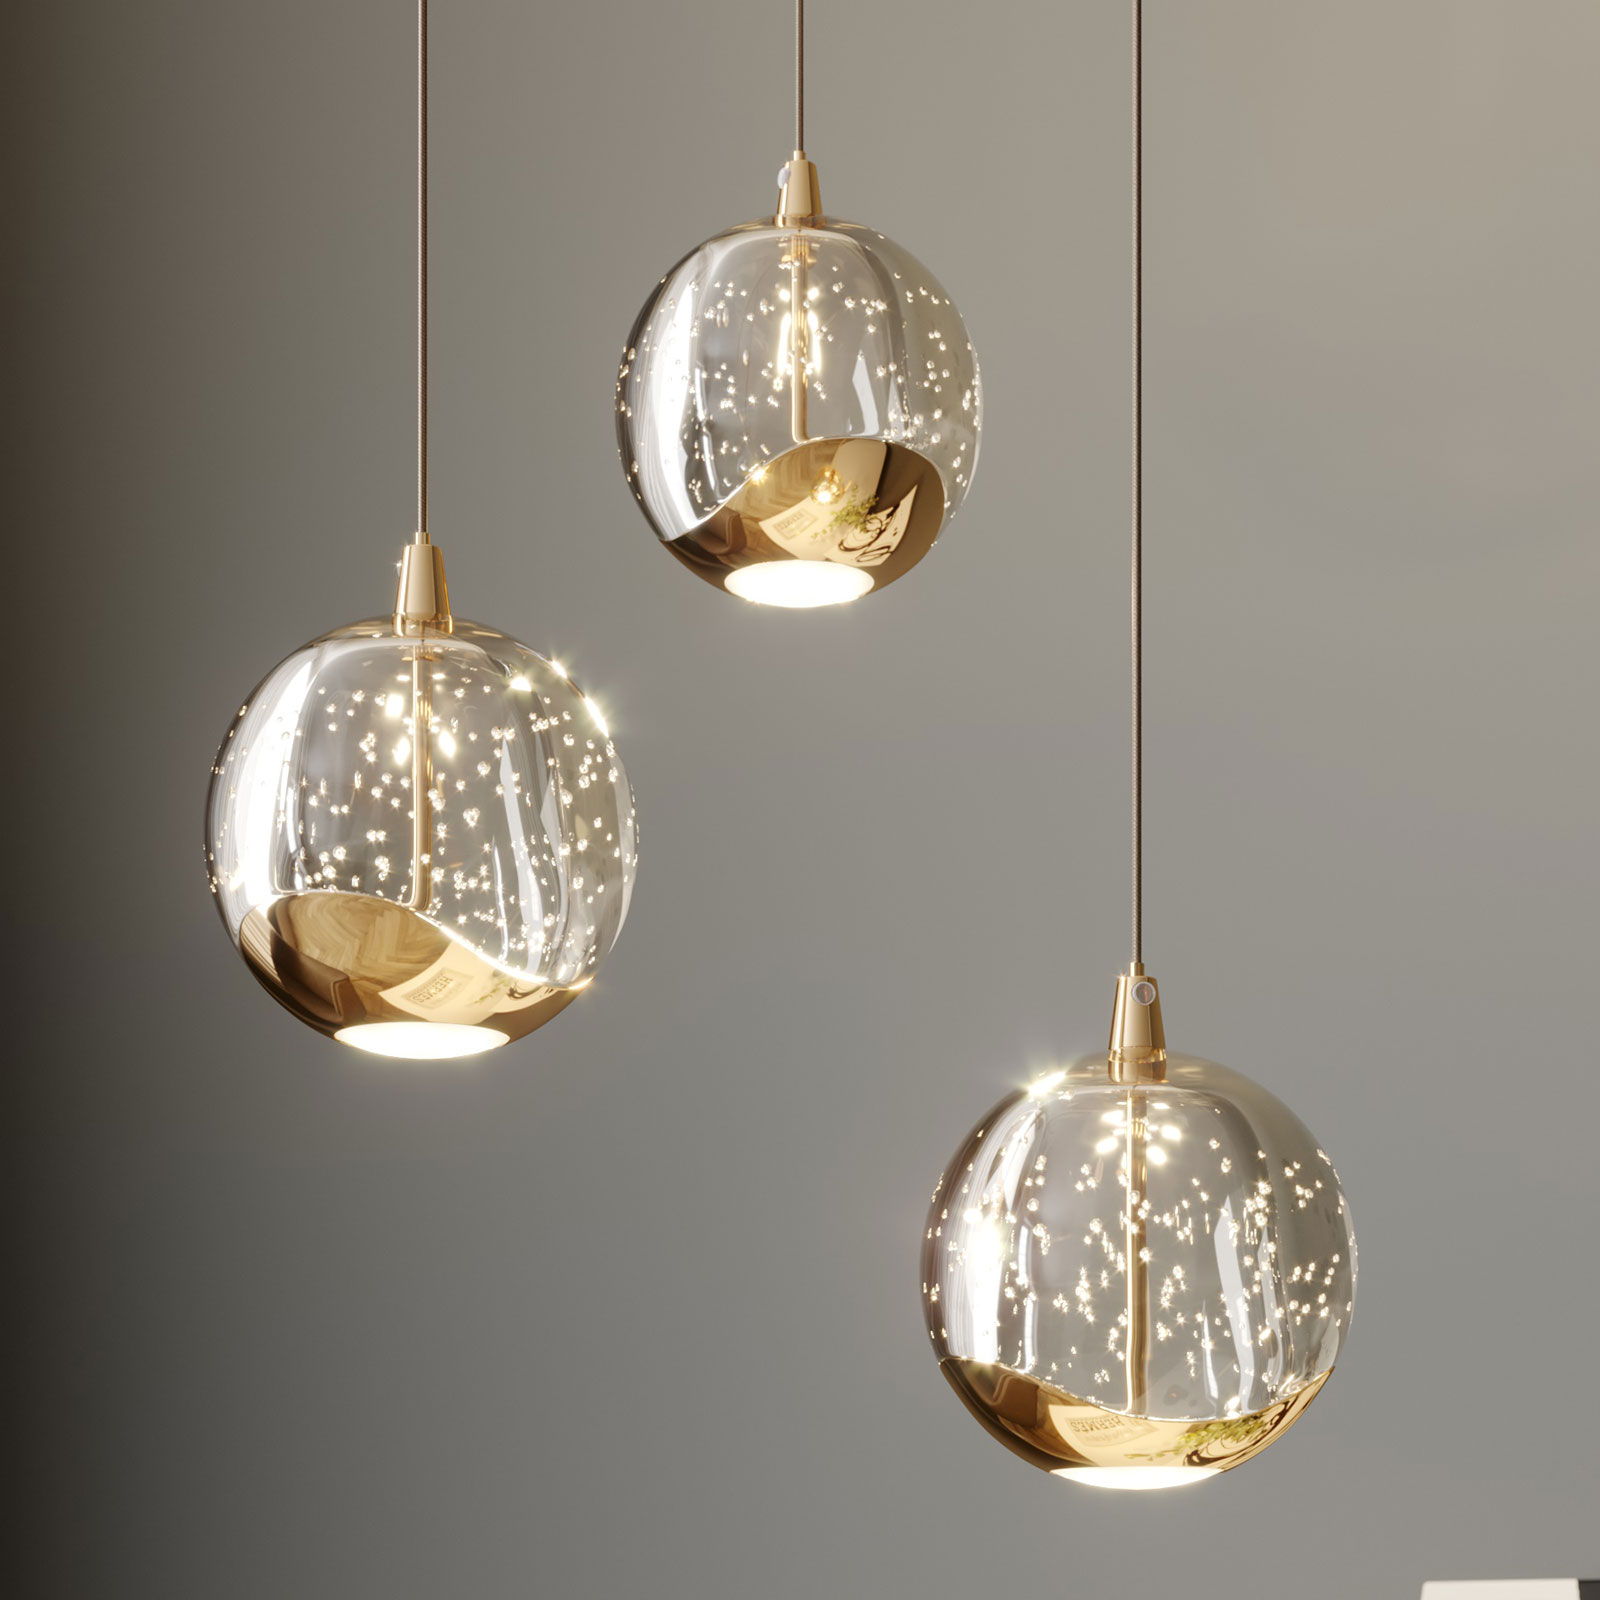 LED-Pendellampe Hayley m. Glaskugeln, 3-fl., gold